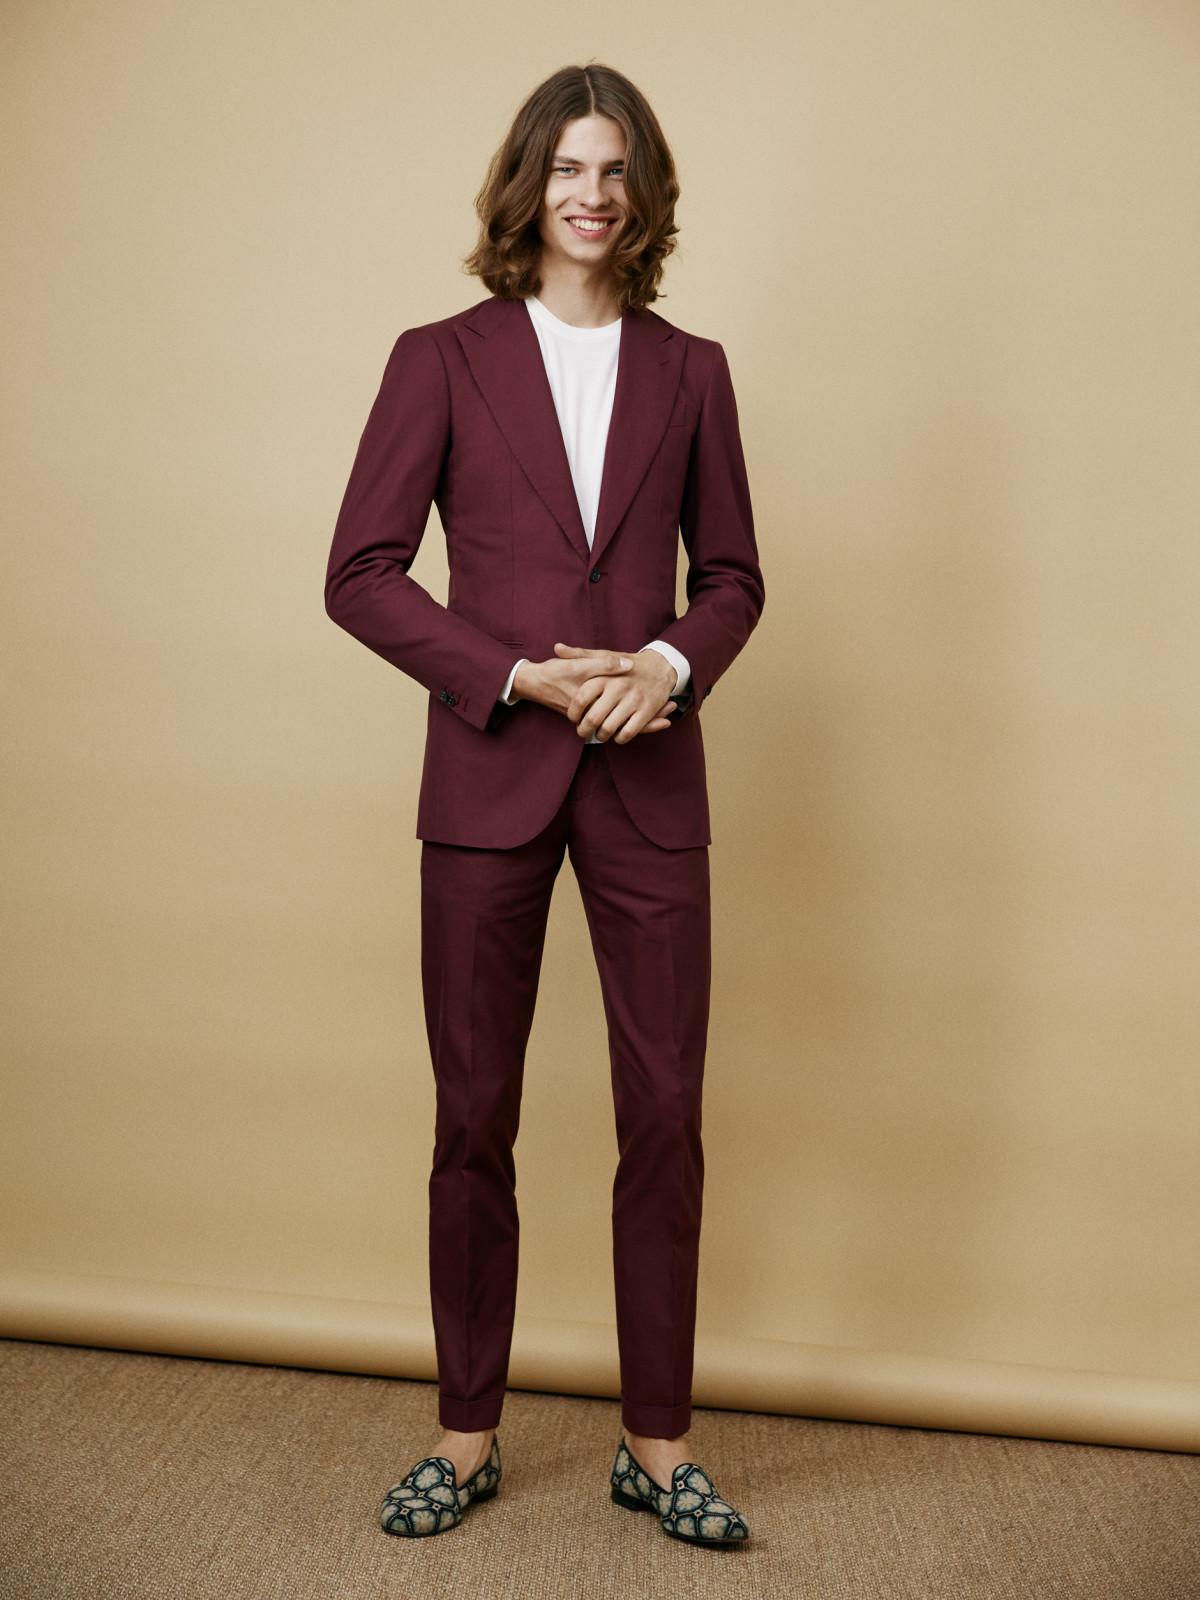 2e2f1c2f6e3d3 How to Wear a Burgundy Suit (29 looks & outfits) | Men's Fashion ...